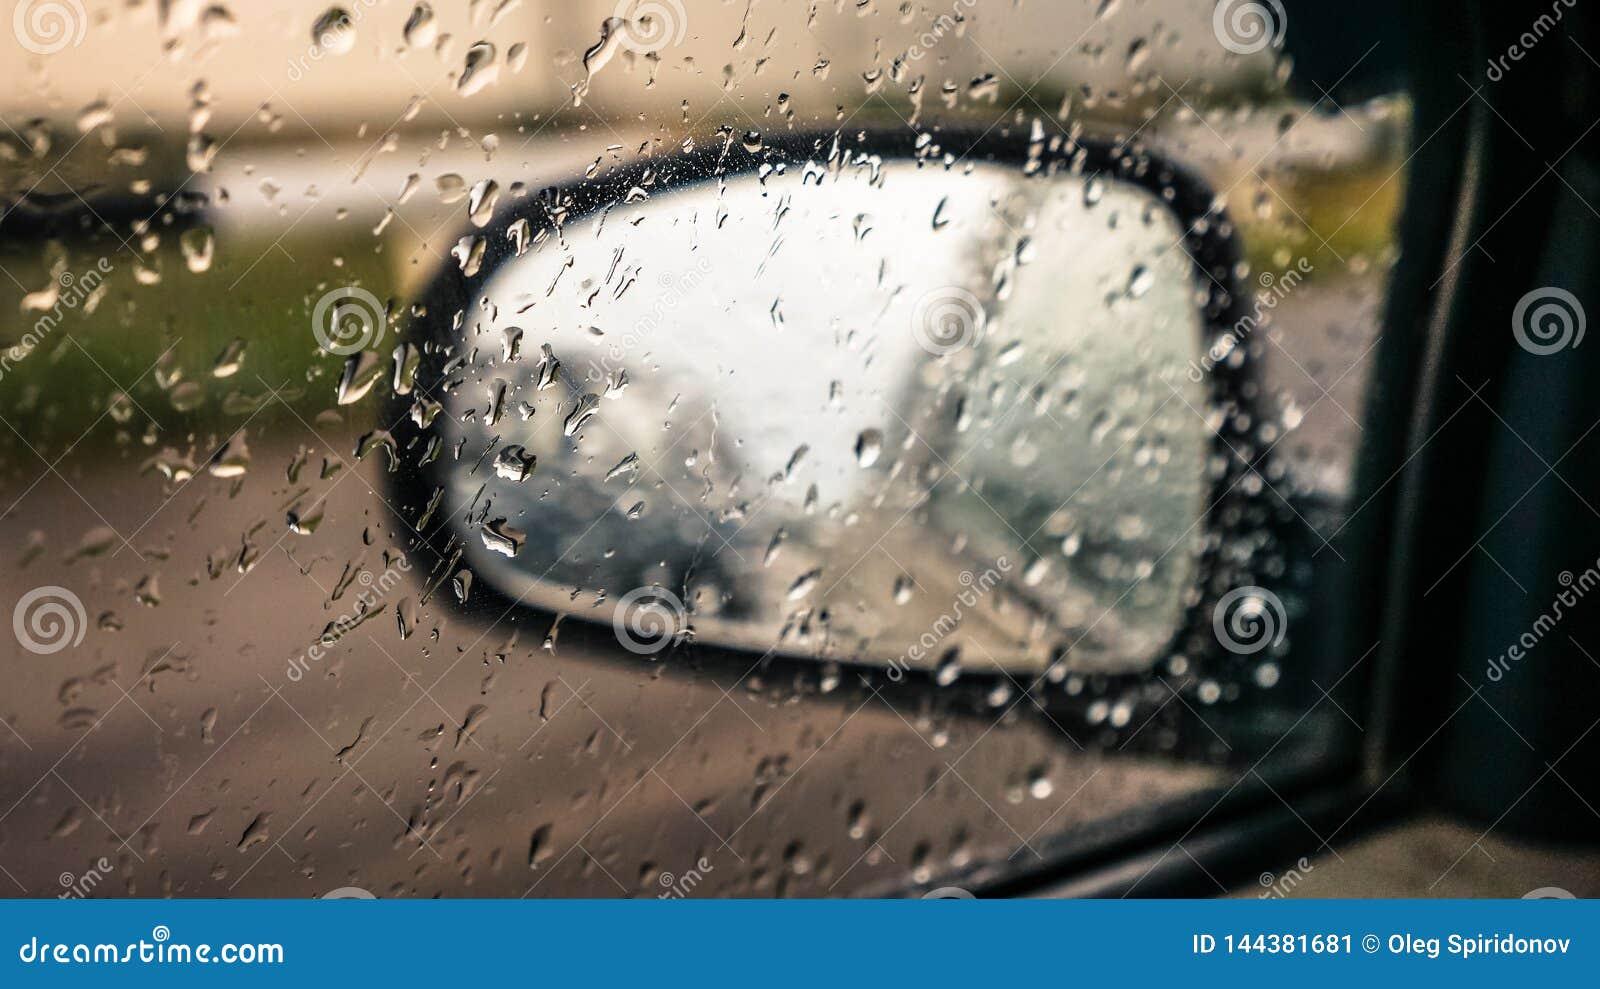 汽车镜子通过与雨珠的玻璃